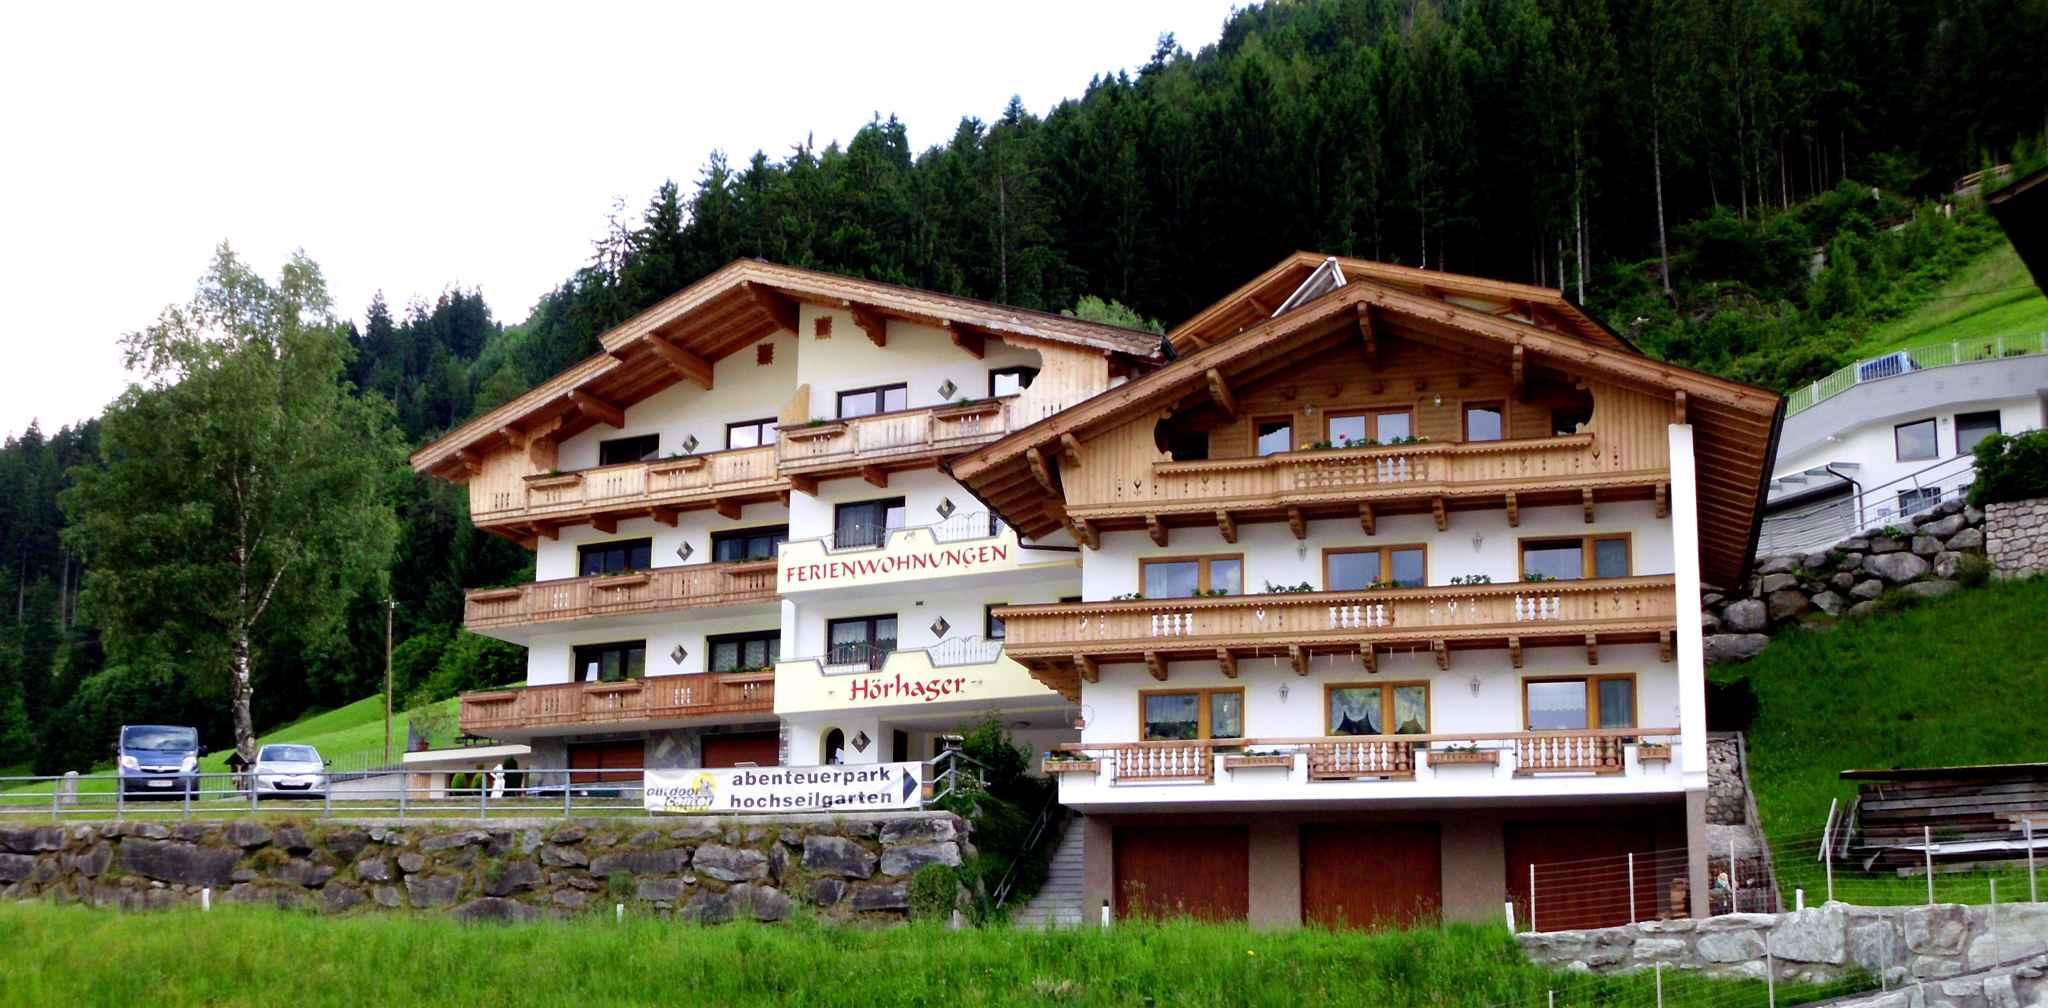 Ferienwohnung im Zentrum mit wunderschönem Pa  in Österreich